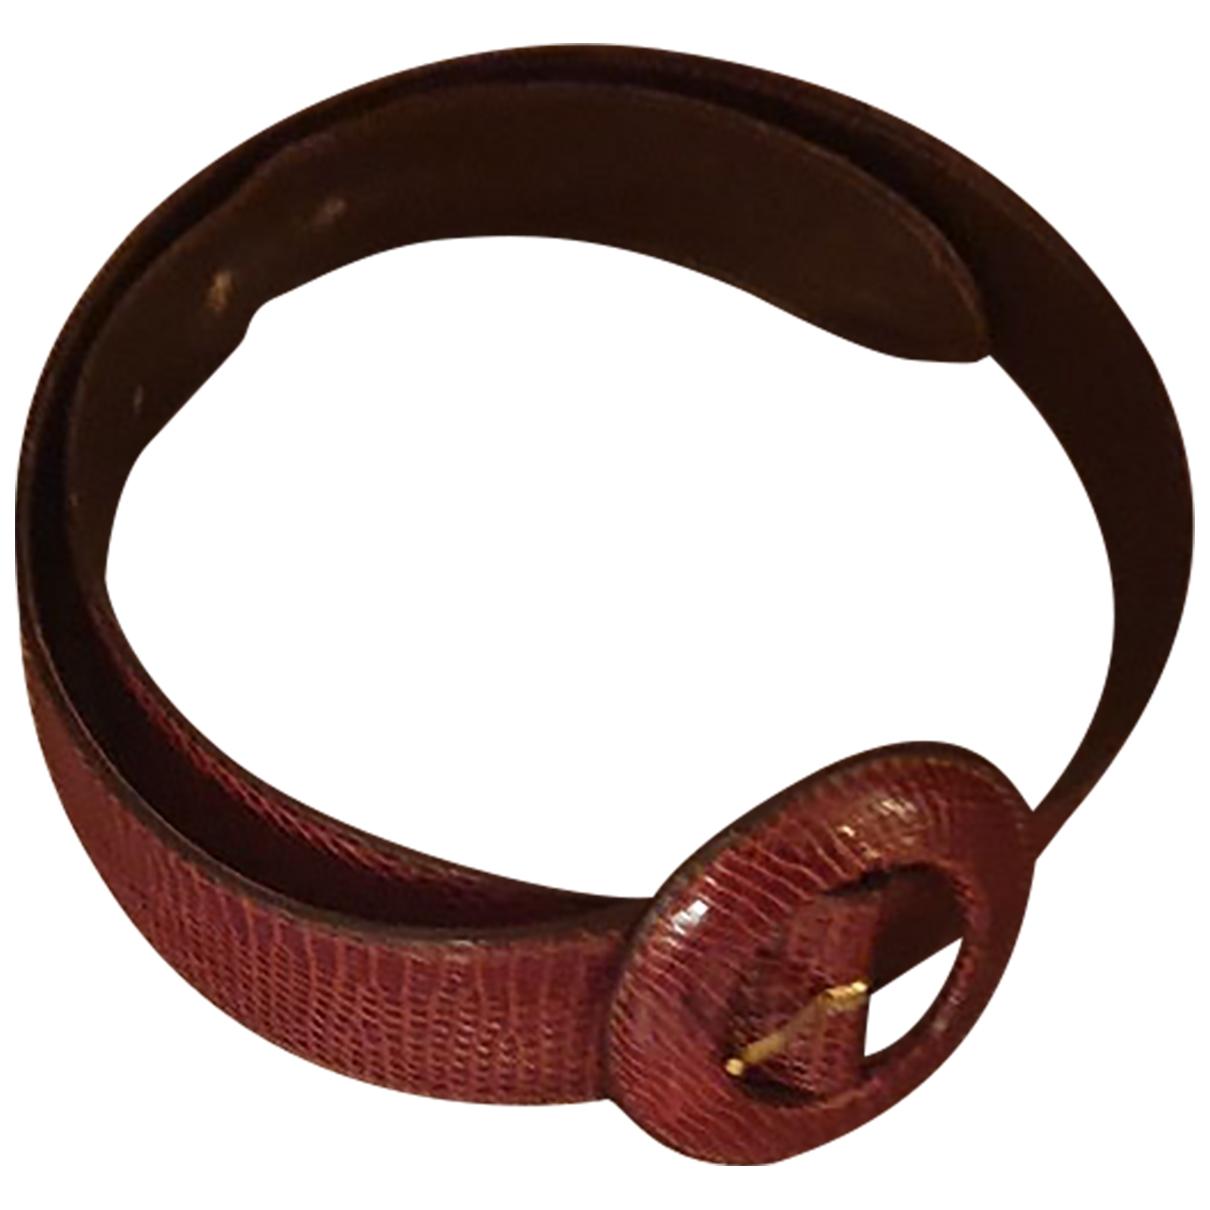 Cinturon de Lagartija Giorgio Armani